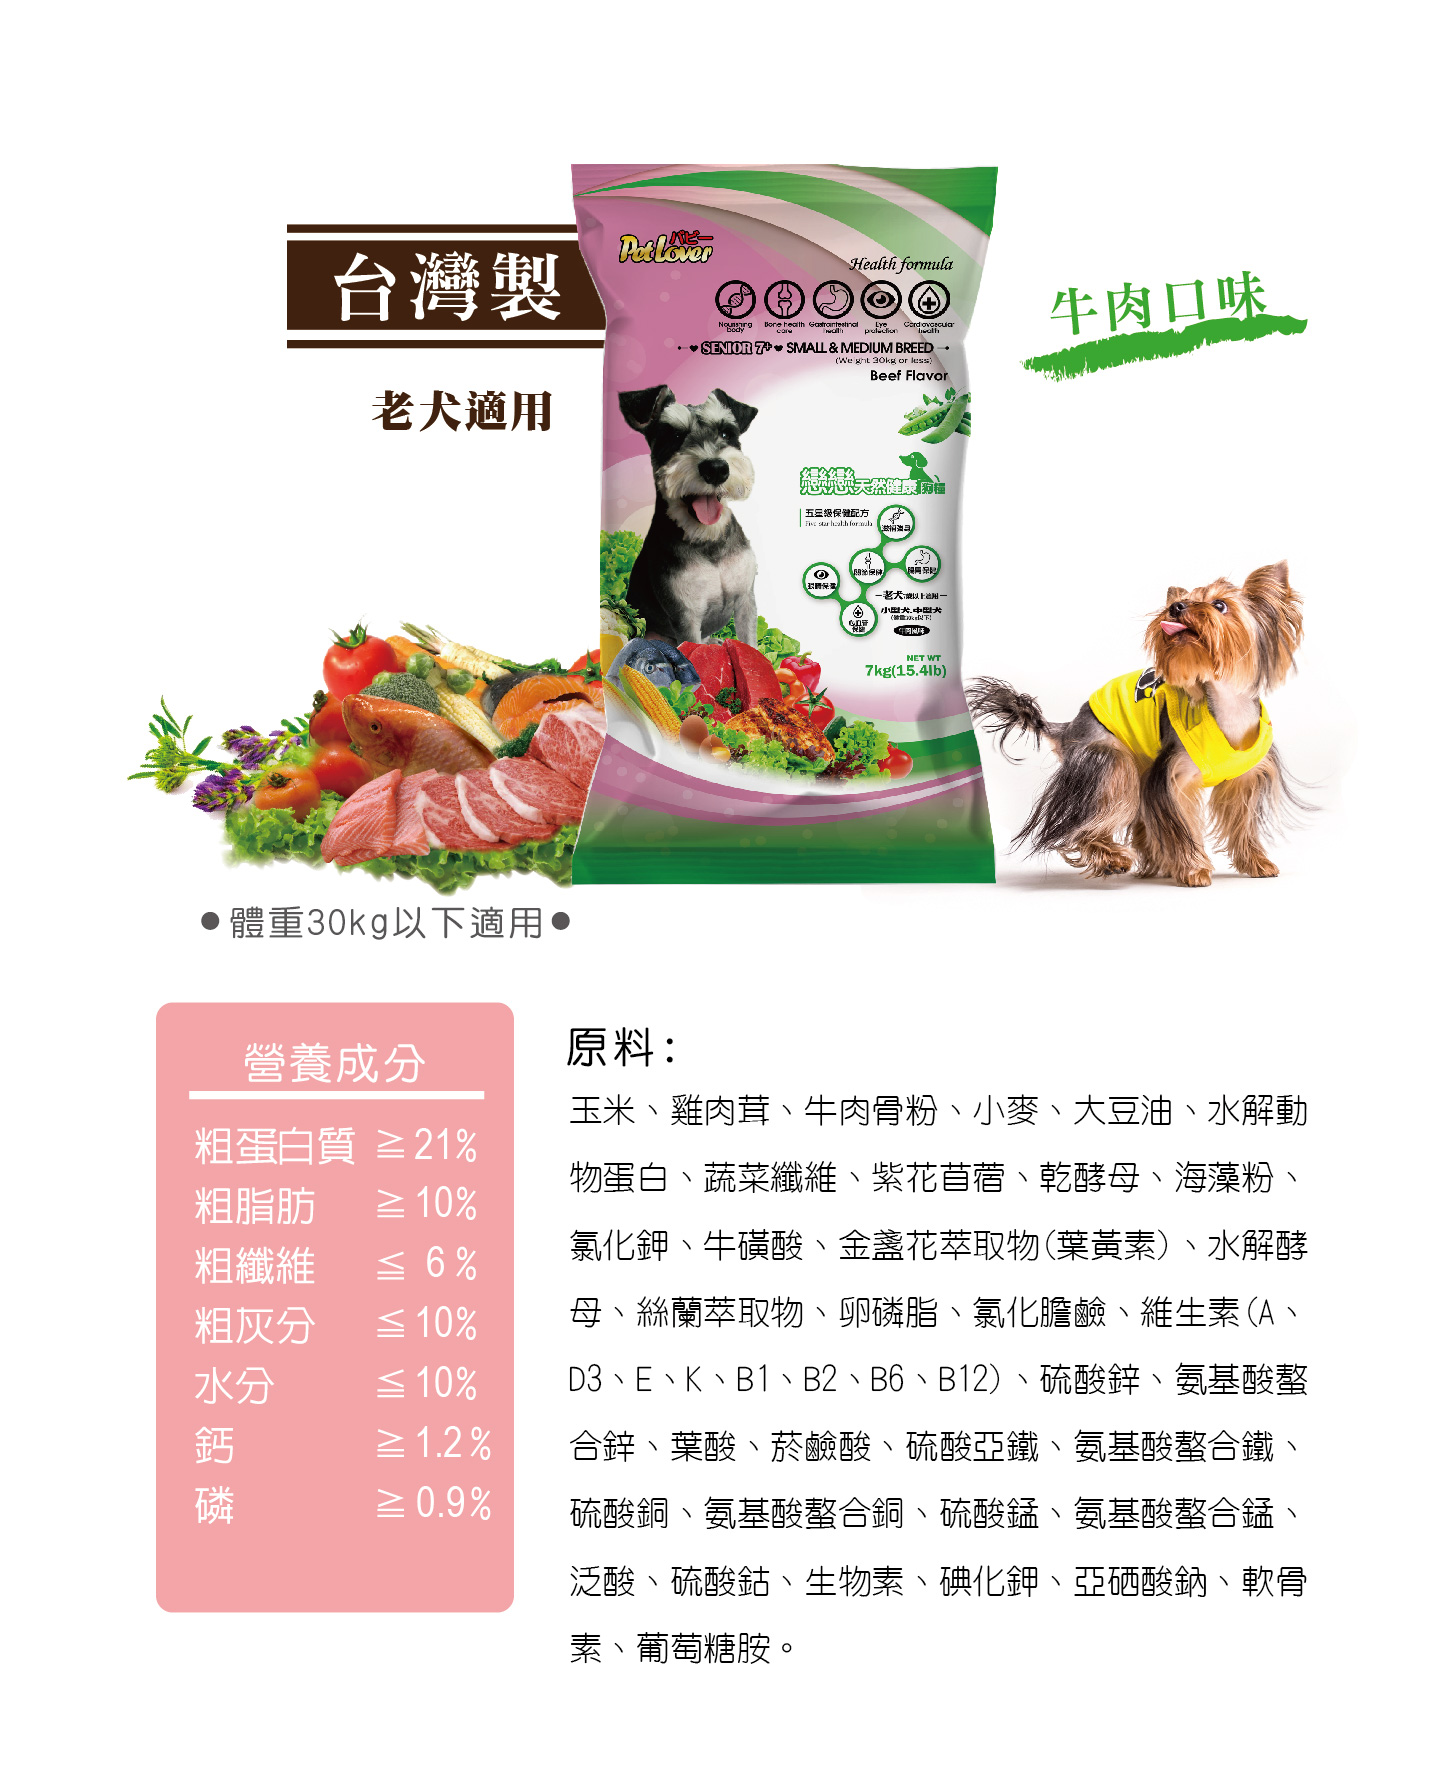 牛肉口味狗飼料,適合7歲以上老犬 | 全球寵物